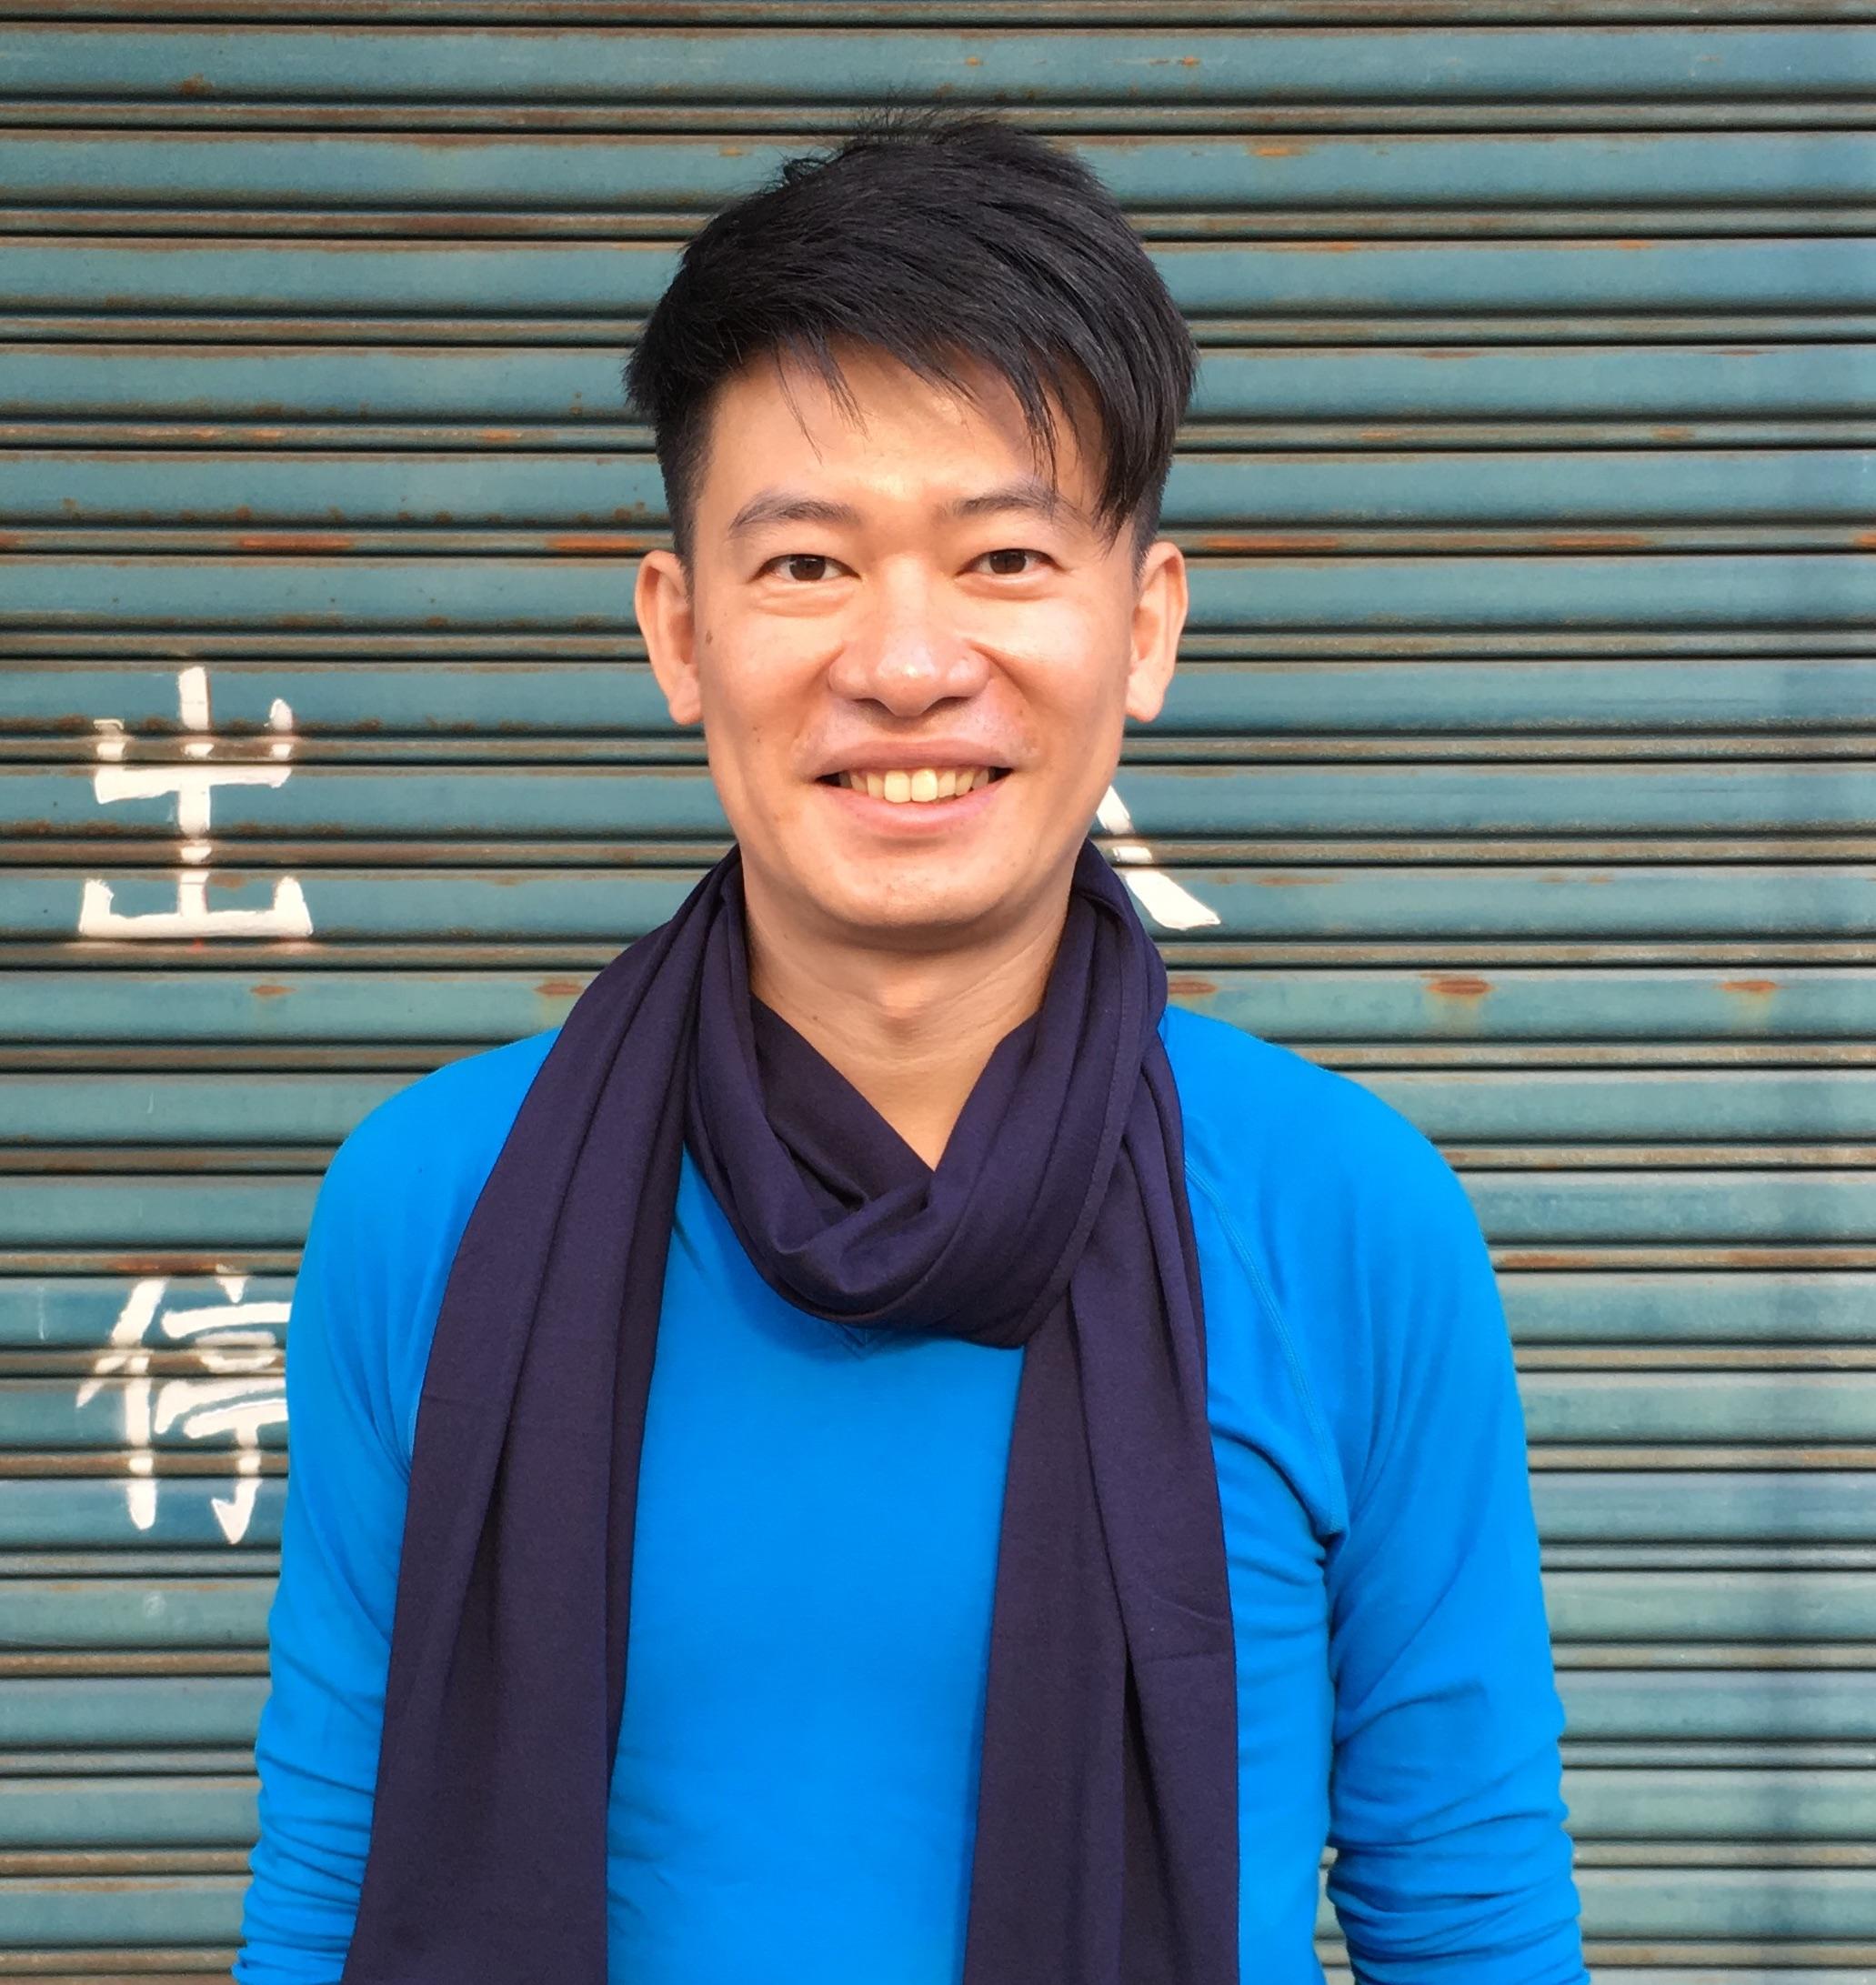 高耀威|臺南正興街社區營造工作者、長濱書粥老闆